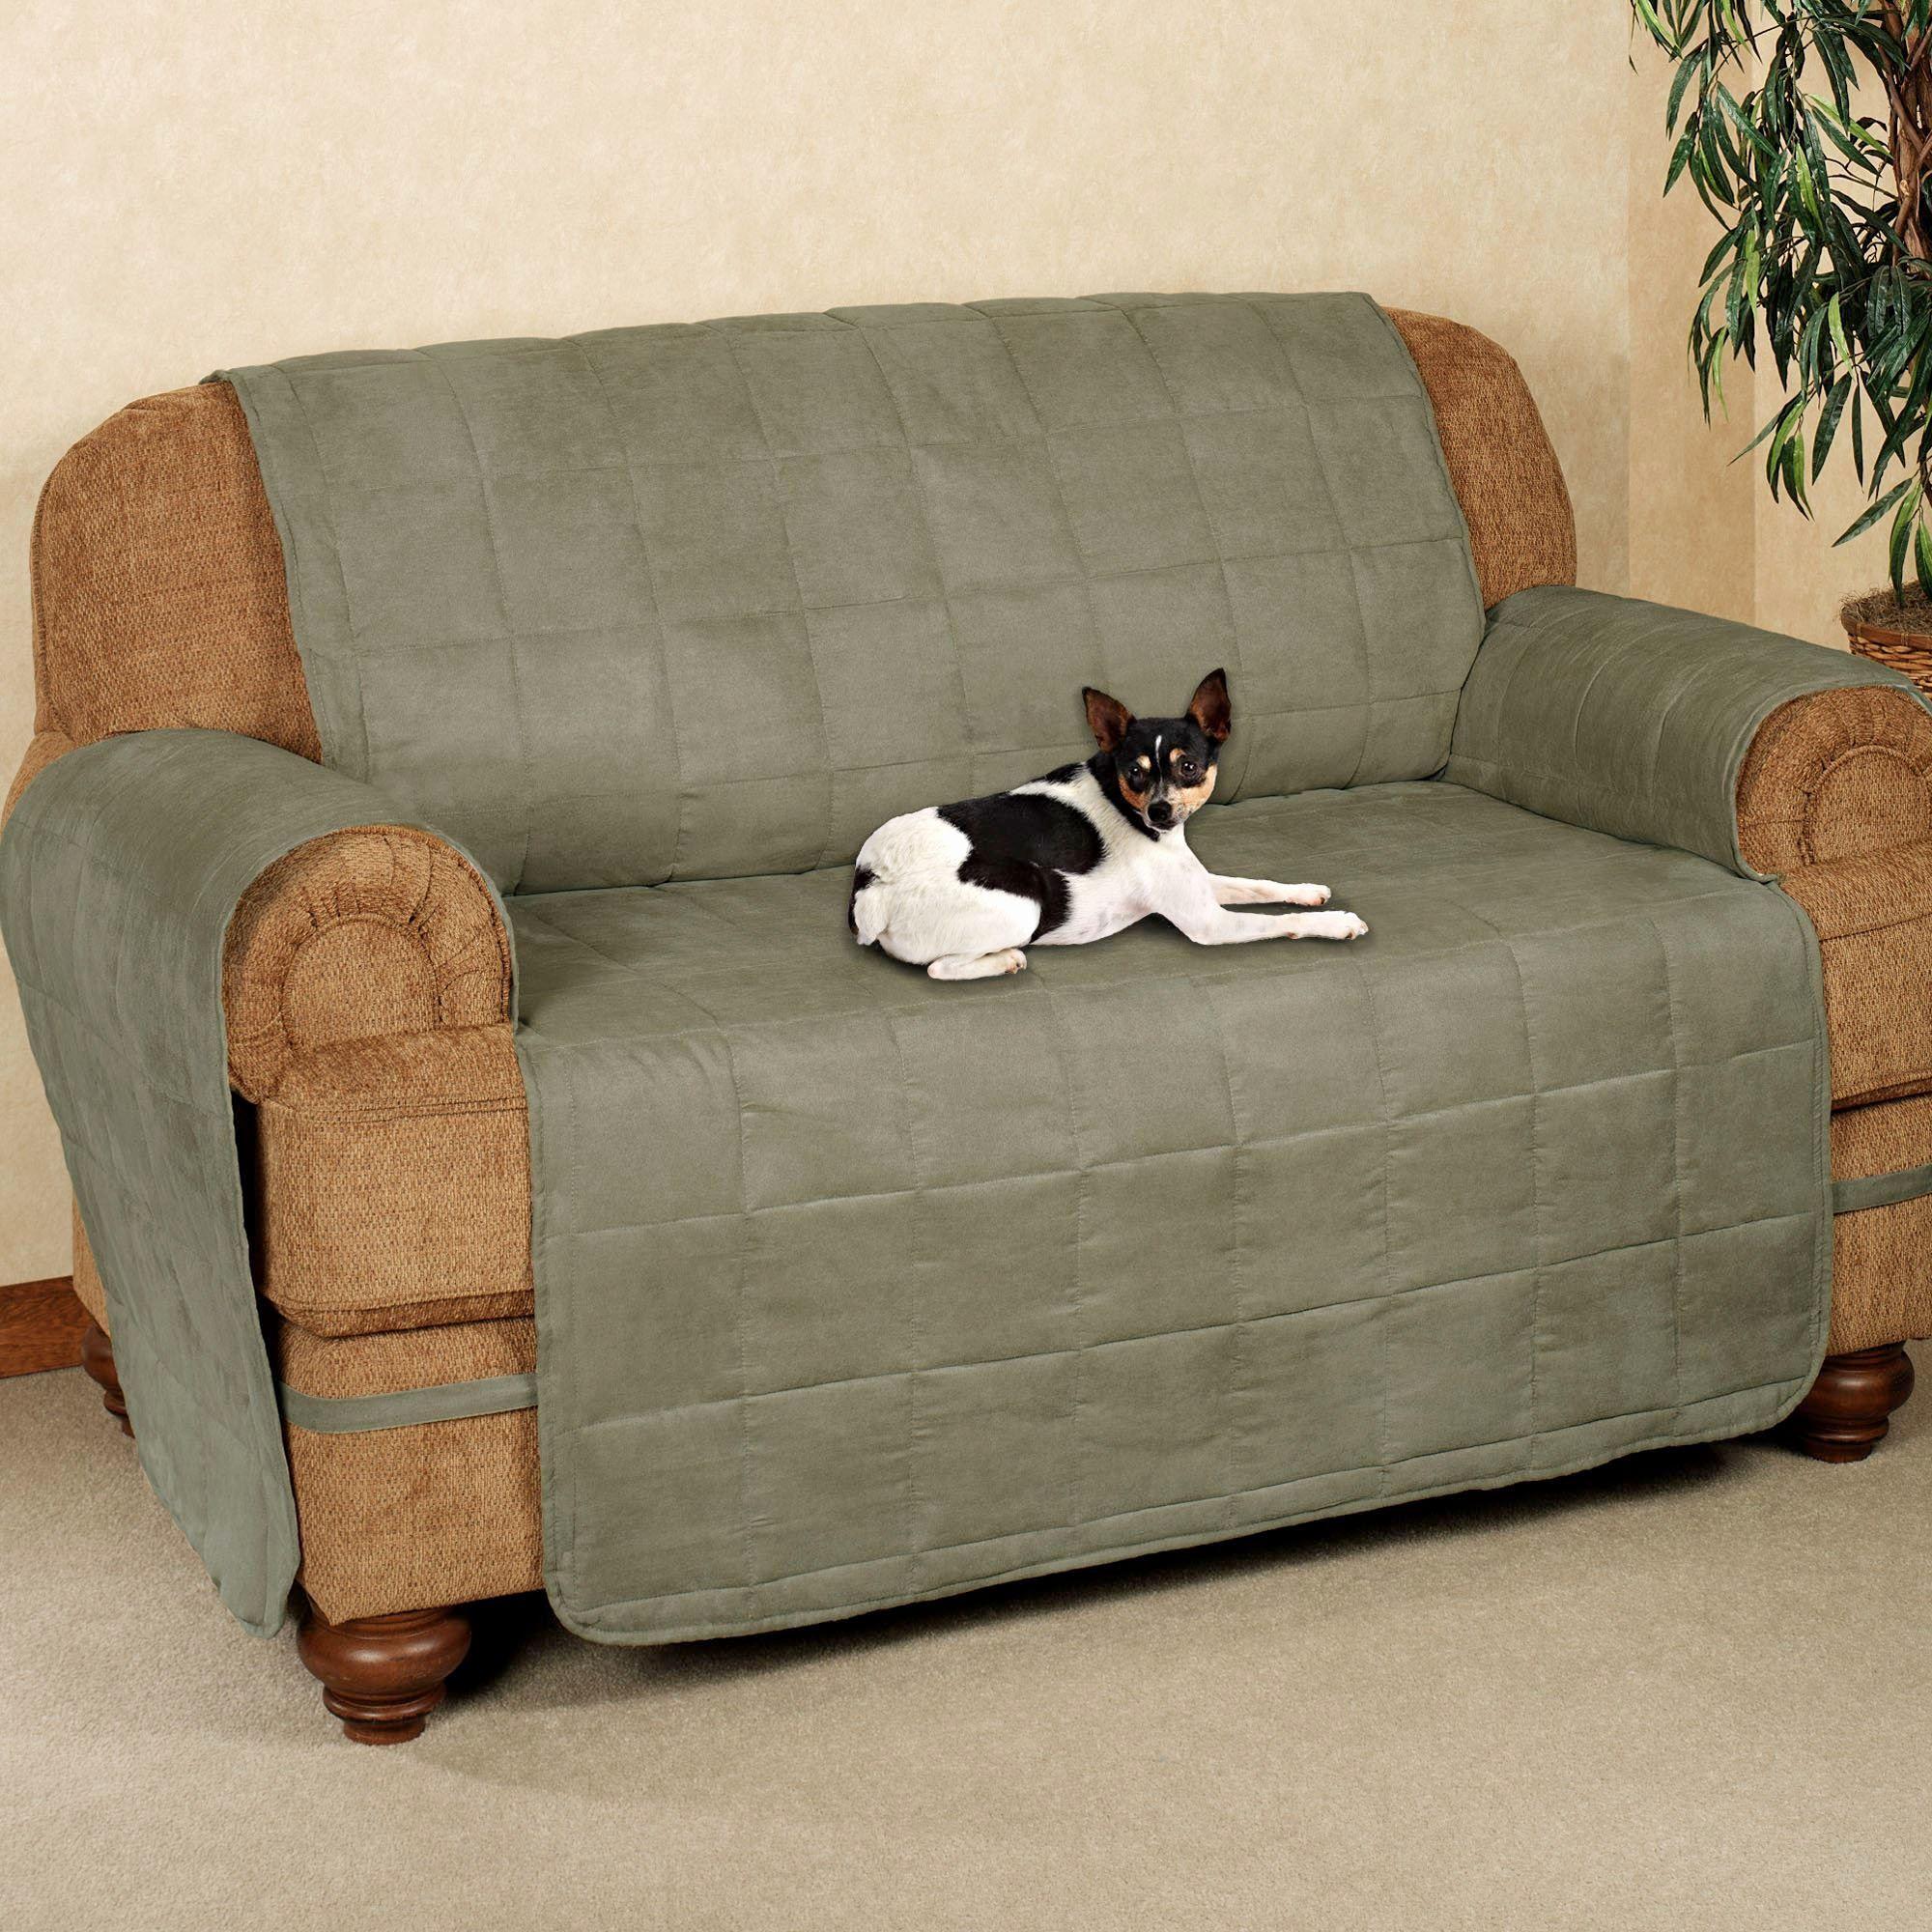 Inspirational Waterproof Sofa Cover Image Waterproof Sofa Cover